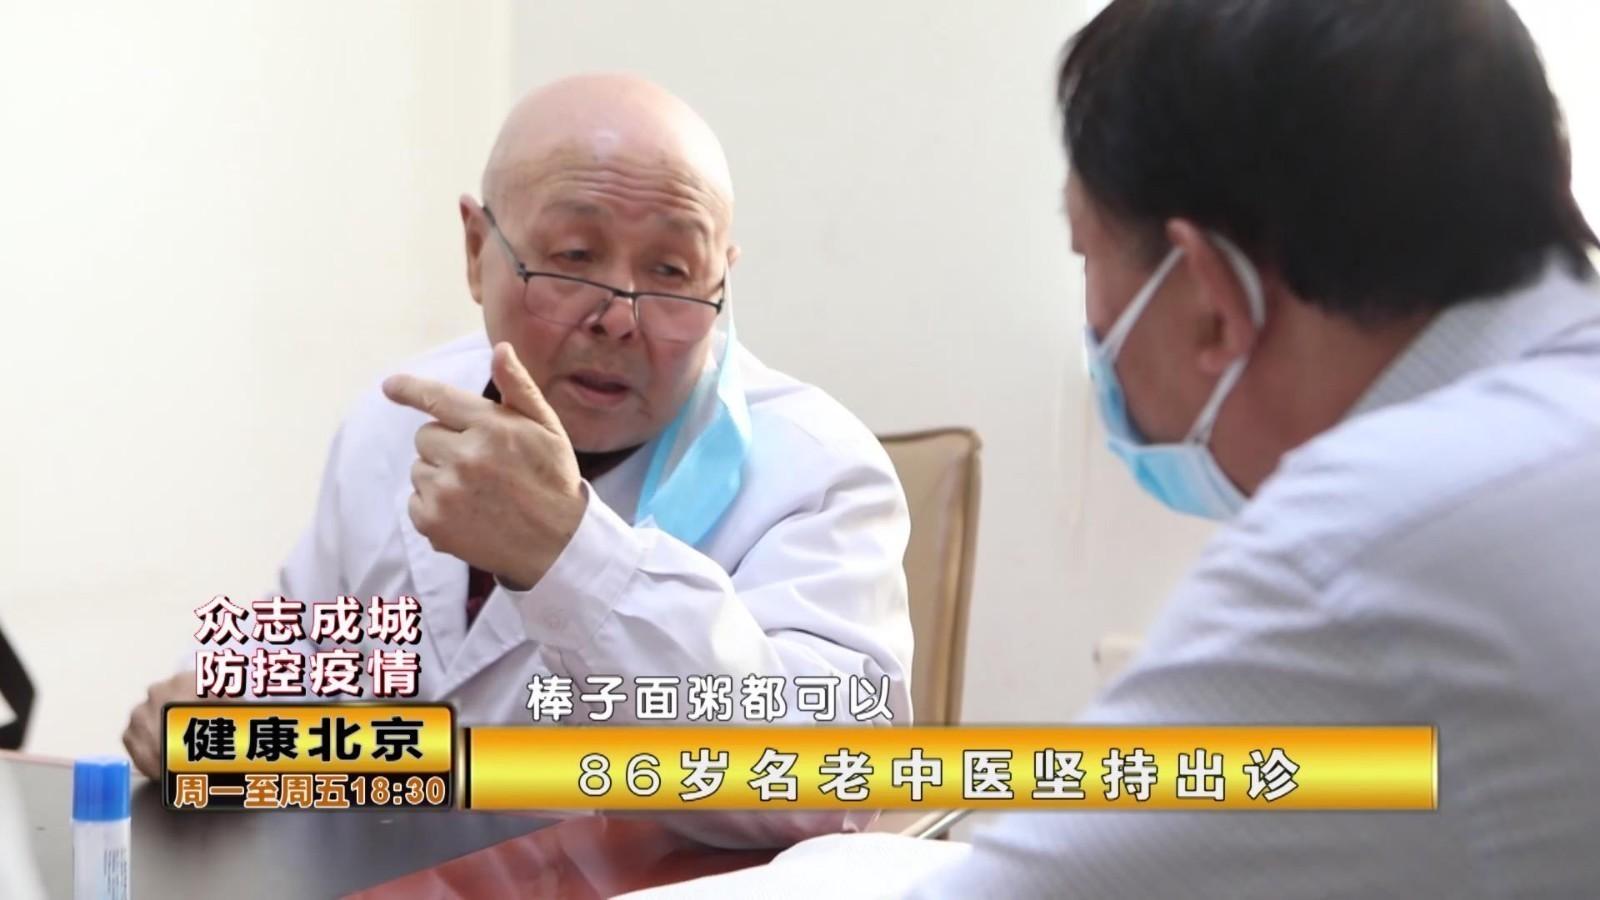 北京:86岁名老中医坚持出诊